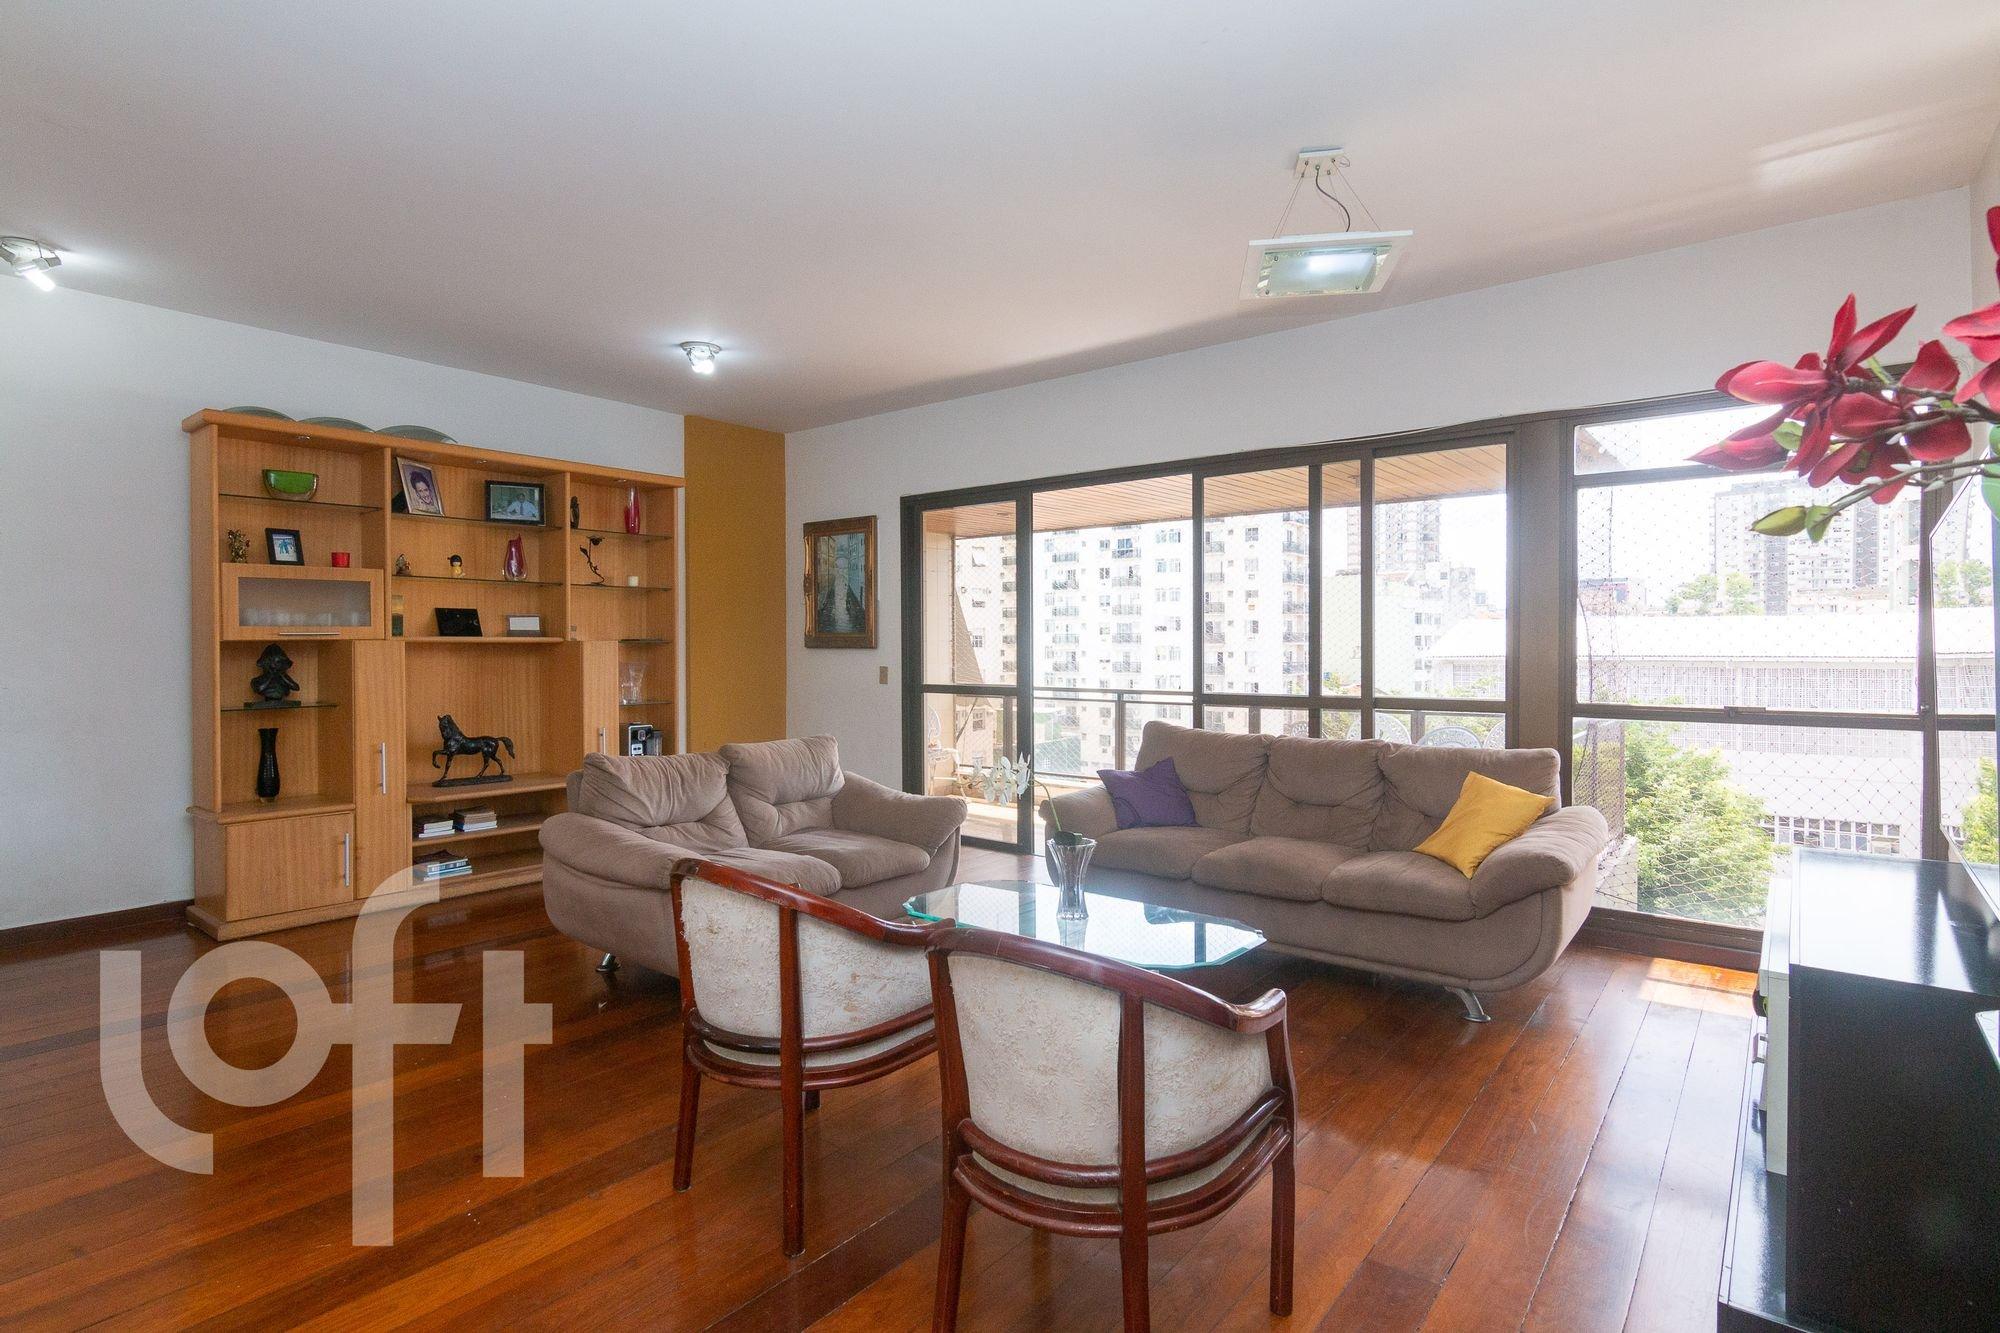 Foto de Sala com sofá, tigela, cadeira, livro